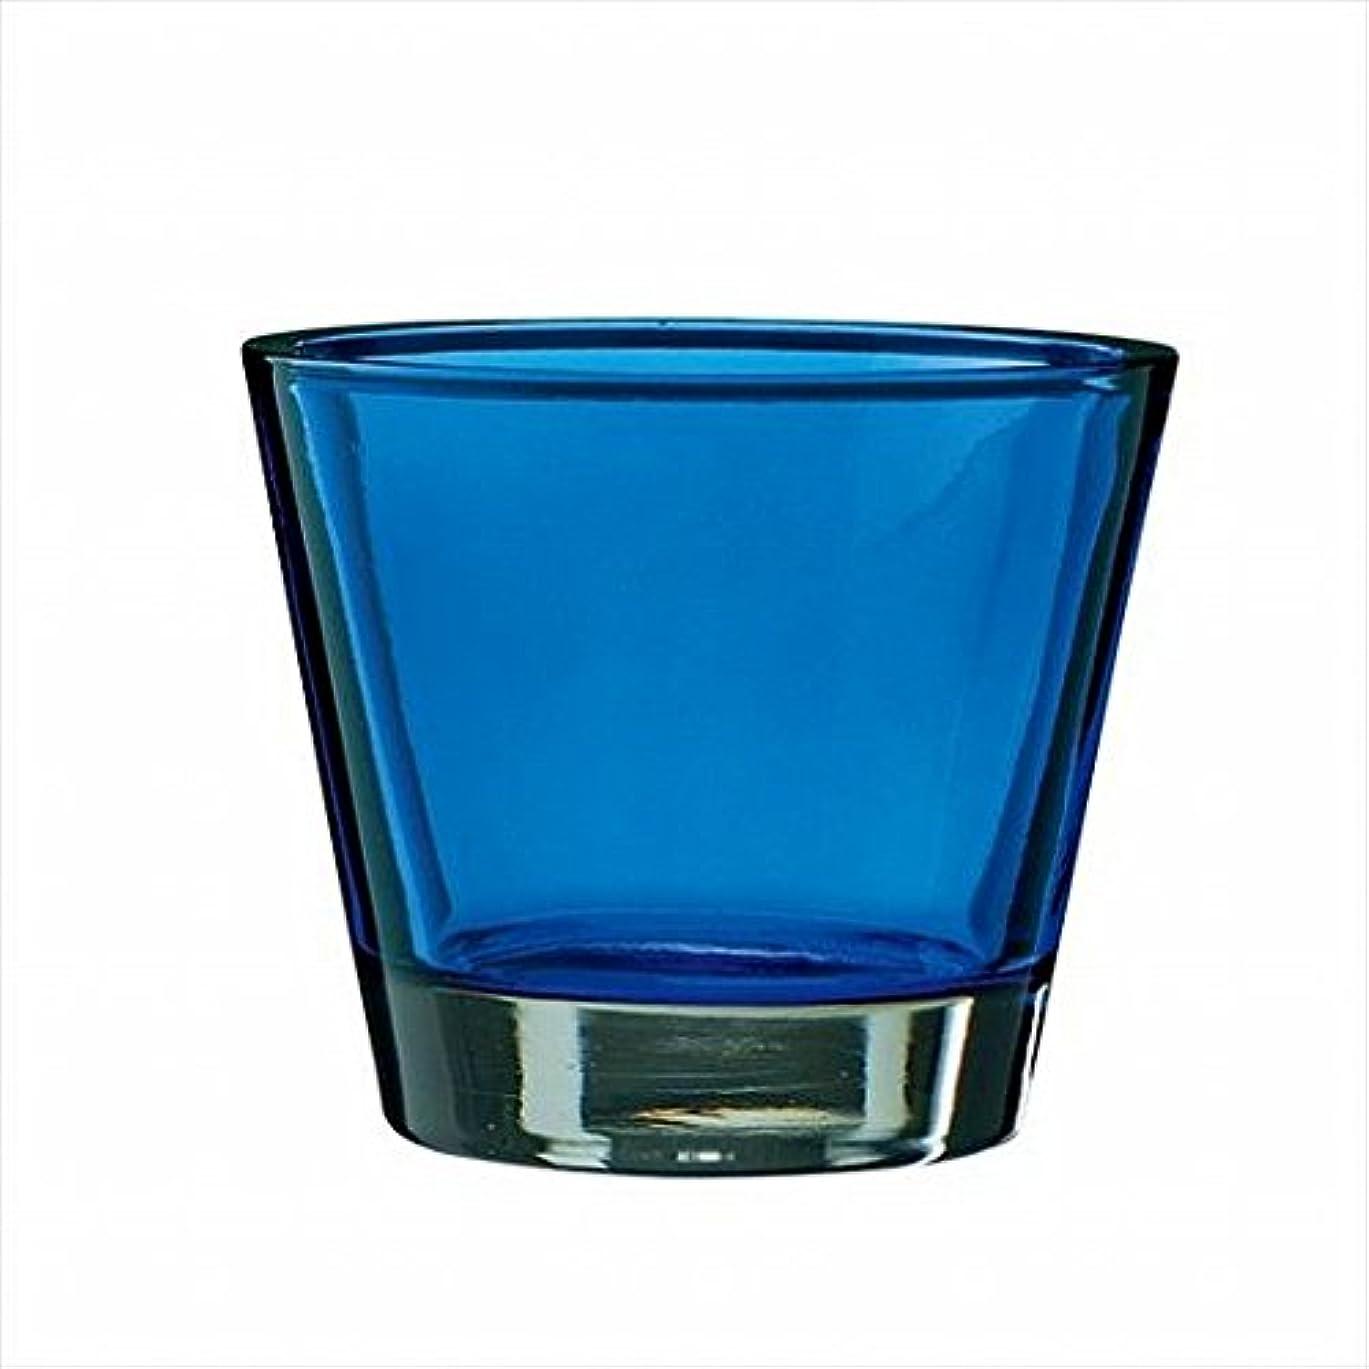 リアルトンランダムkameyama candle(カメヤマキャンドル) カラリス 「 ブルー 」 キャンドル 82x82x70mm (J2540000B)